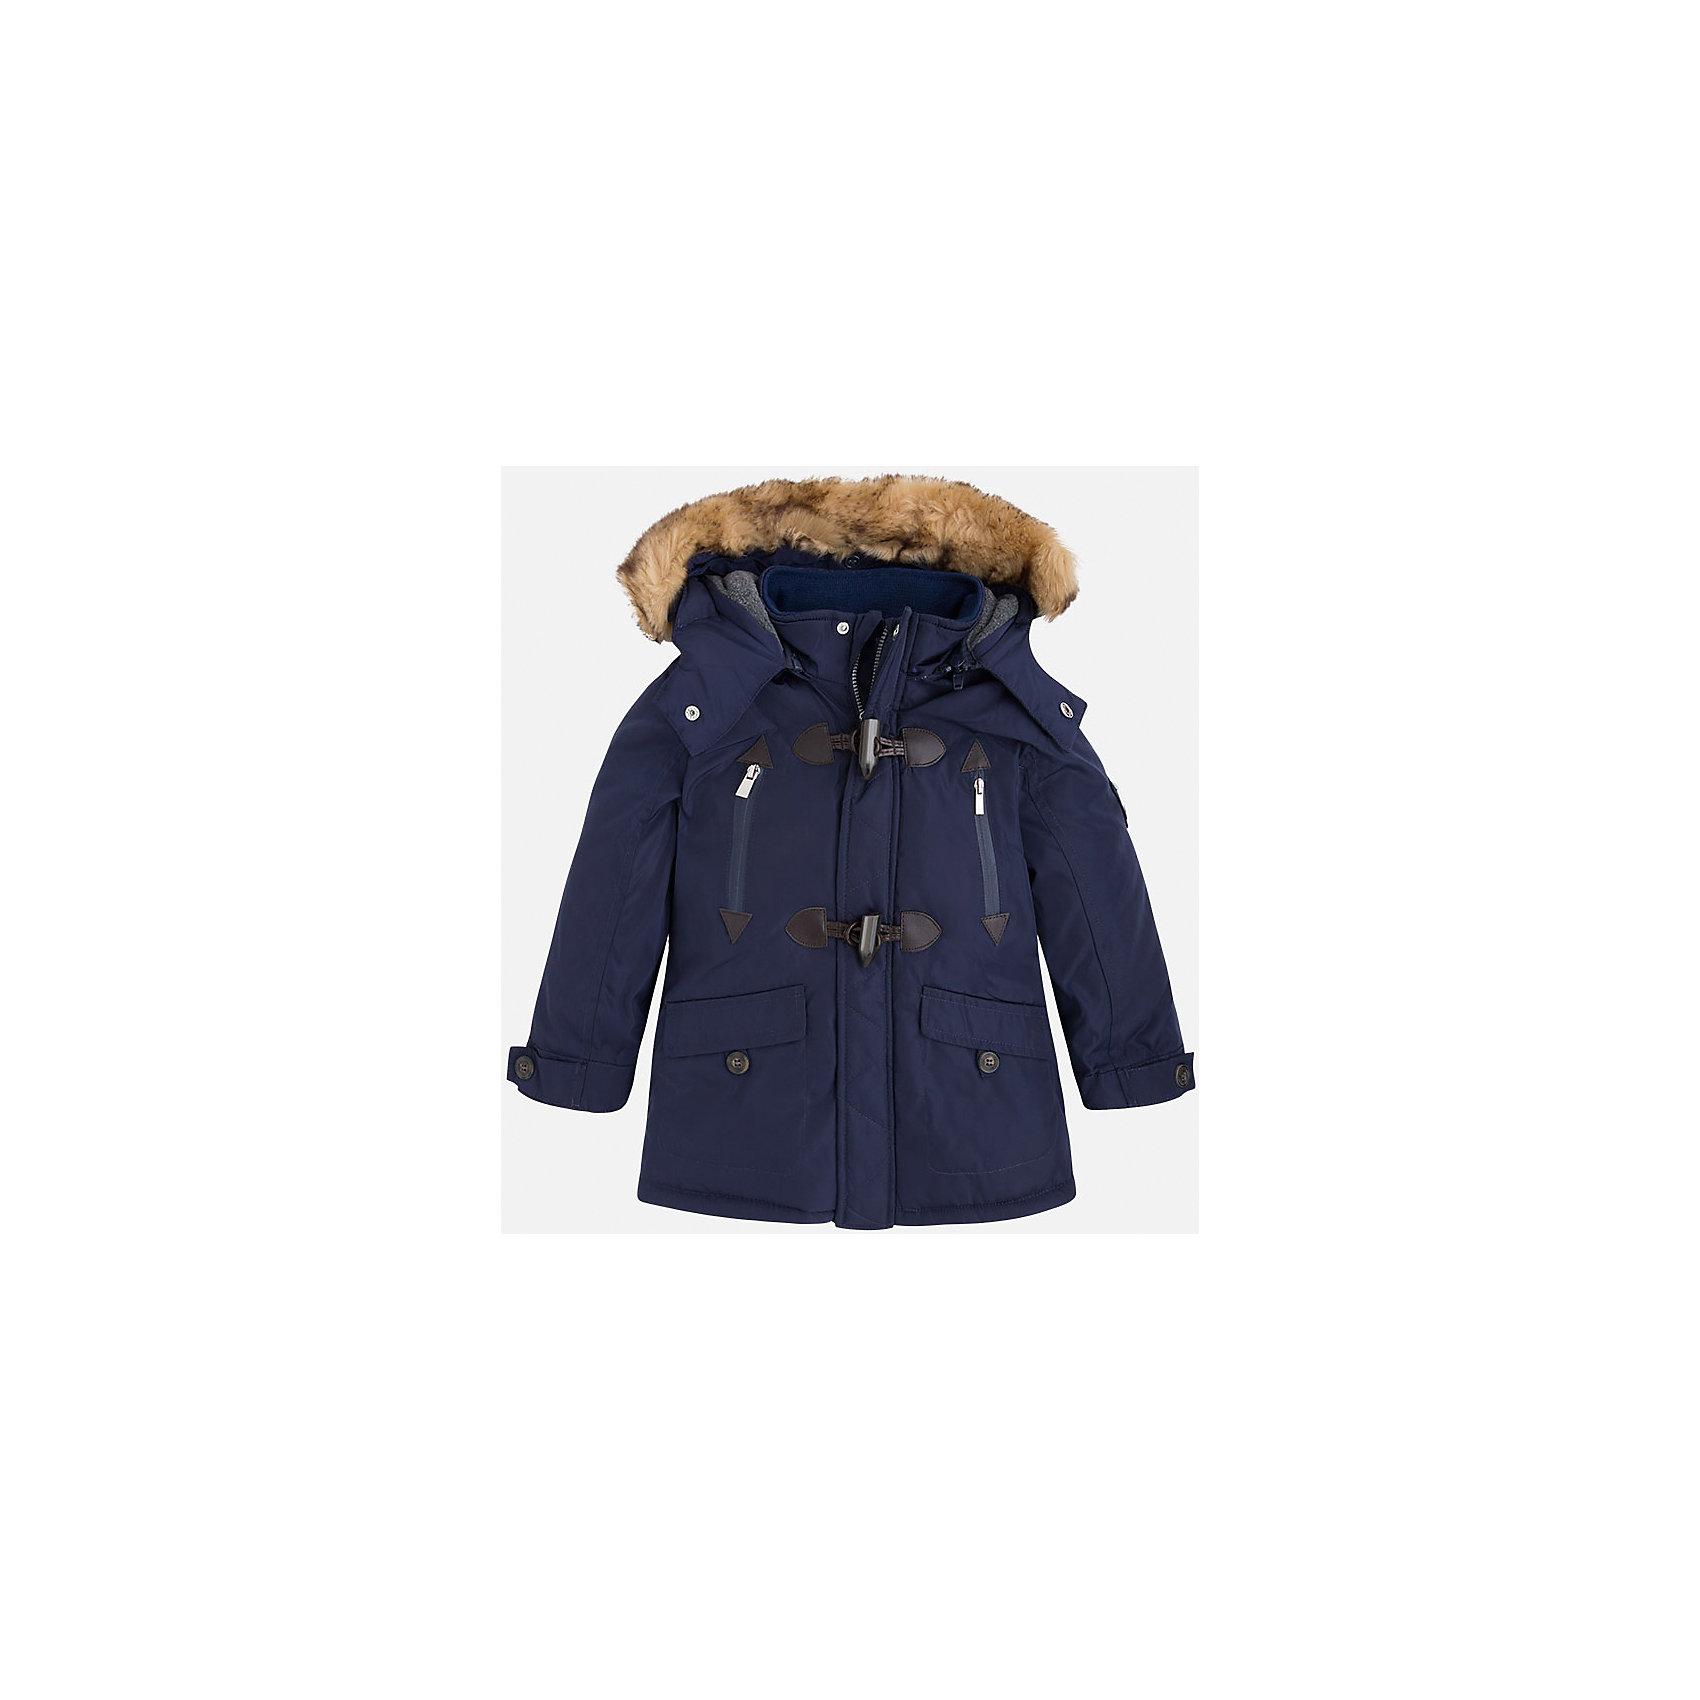 Жакет для мальчика MayoralВерхняя одежда<br>Скоро осень, а значит Вашему малышу  понадобиться что-нибудь теплое. Значит, Вам прекрасно подойдет яркая, а главное, теплая куртка Mayoral!<br>Порадуйте своего модника хорошим подарком!<br><br>Дополнительная информация:<br><br>- Крой: прямой крой, расклешенный к низу.<br>- Страна бренда: Испания.<br>- Состав: <br>Верхняя ткань: полиэстер 100%.<br>Подкладка: полиэстер 100%.<br>Наполнитель: полиэстер 100%.<br>- Цвет: темно-синий.<br>- Уход: бережная стирка при 30 градусах.<br><br>Купить куртку для мальчика Mayoral можно в нашем магазине.<br><br>Ширина мм: 190<br>Глубина мм: 74<br>Высота мм: 229<br>Вес г: 236<br>Цвет: синий<br>Возраст от месяцев: 48<br>Возраст до месяцев: 60<br>Пол: Мужской<br>Возраст: Детский<br>Размер: 110,98,104,116,134,128,122<br>SKU: 4821993